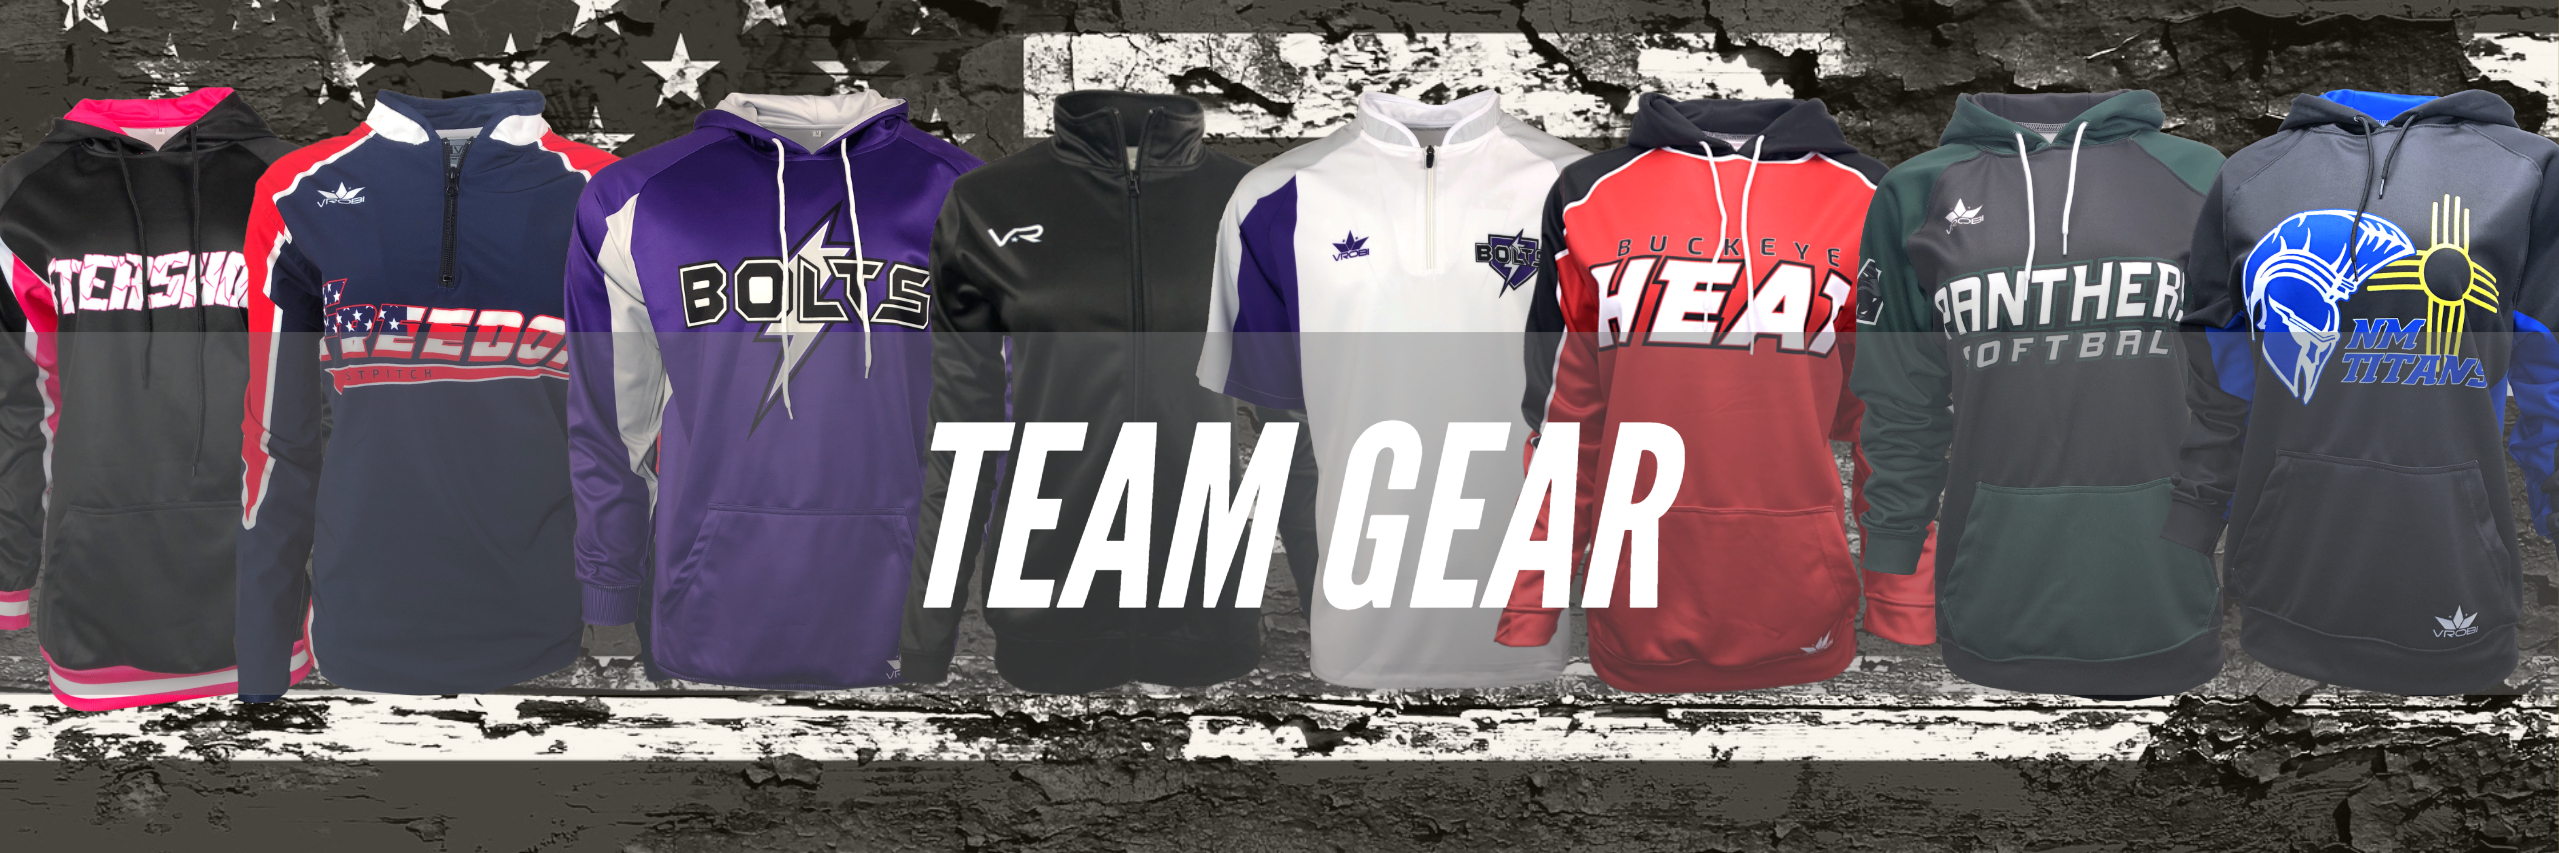 Custom Full Dye Sublimated Hoodies, quarter zips, full zip jackets for Team Sports